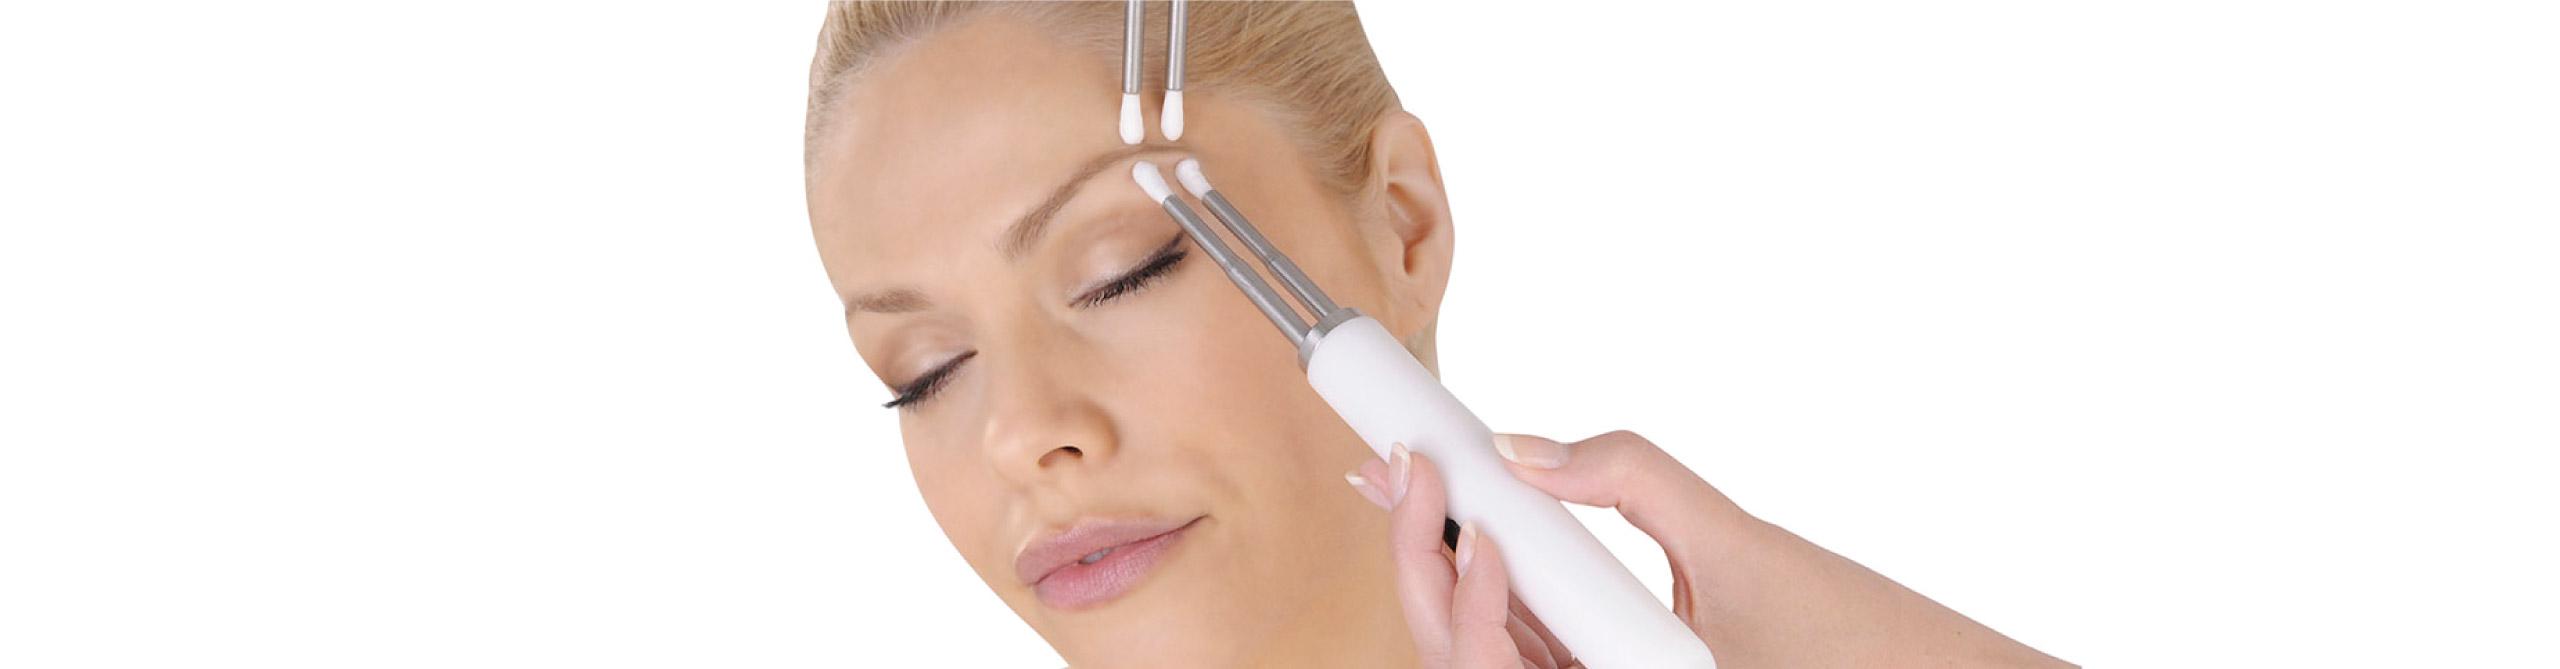 Summer beauty treatment with Harmony Health Beauty